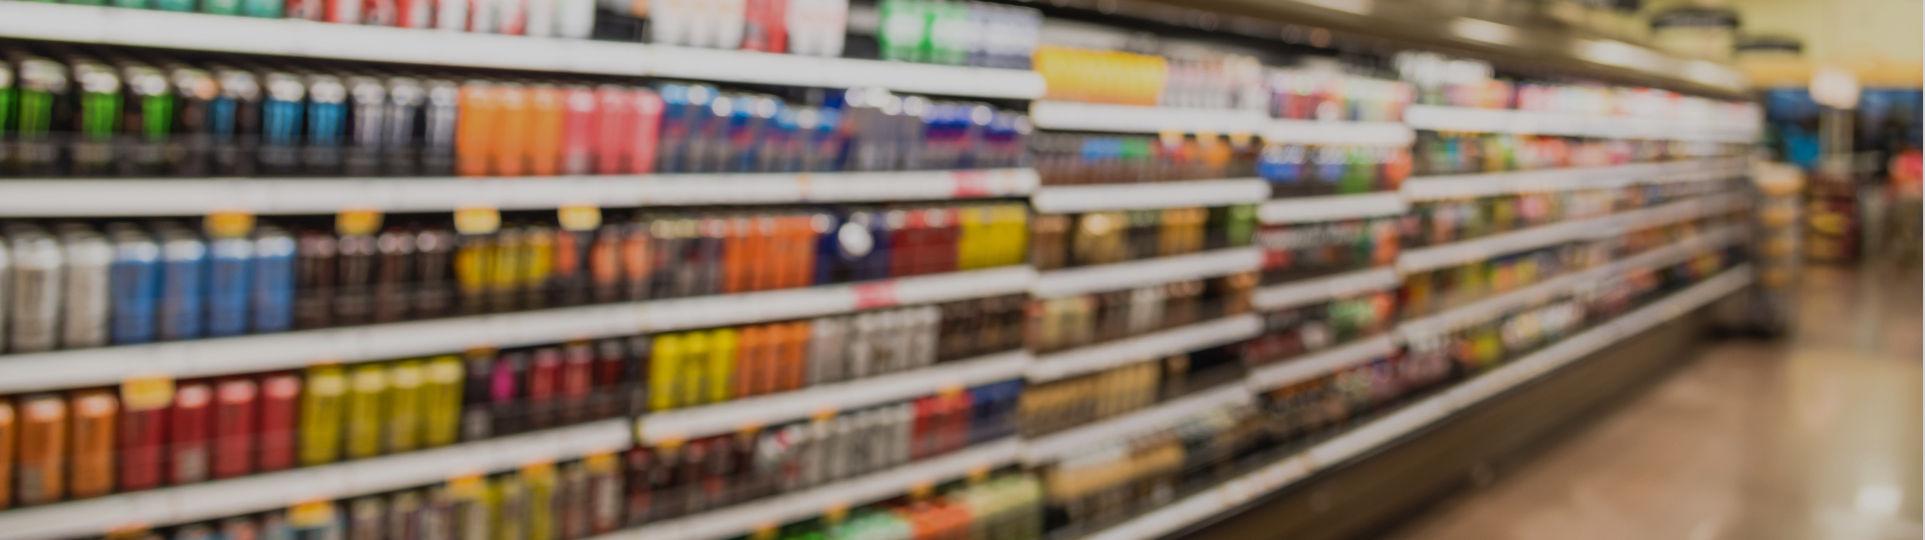 Dryckesleverantör av läsk, hantverksöl och sportdryck